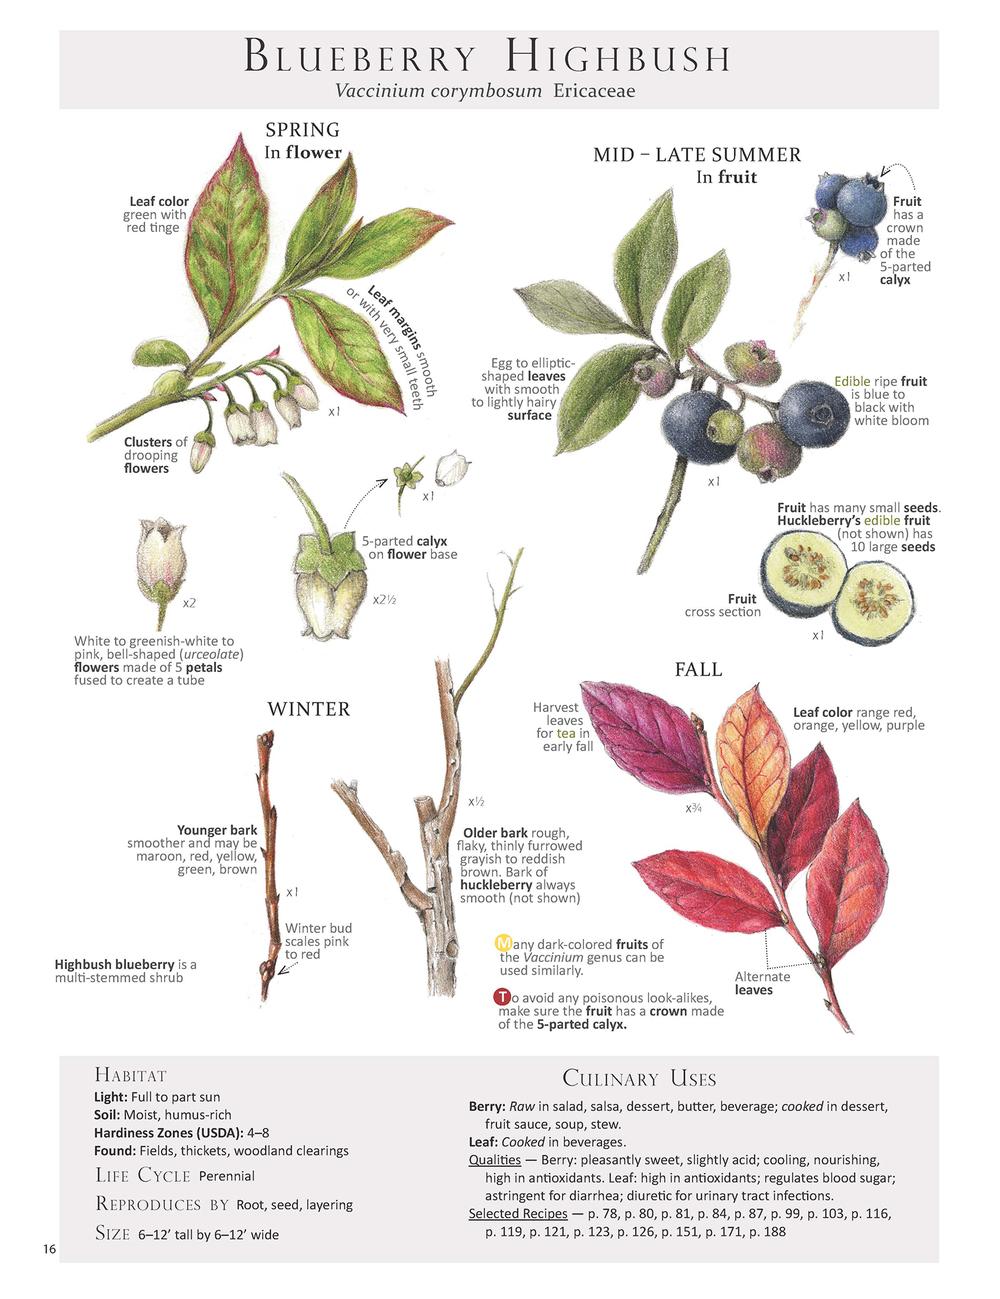 Blueberry Highbush - Vaccinium corymbosum